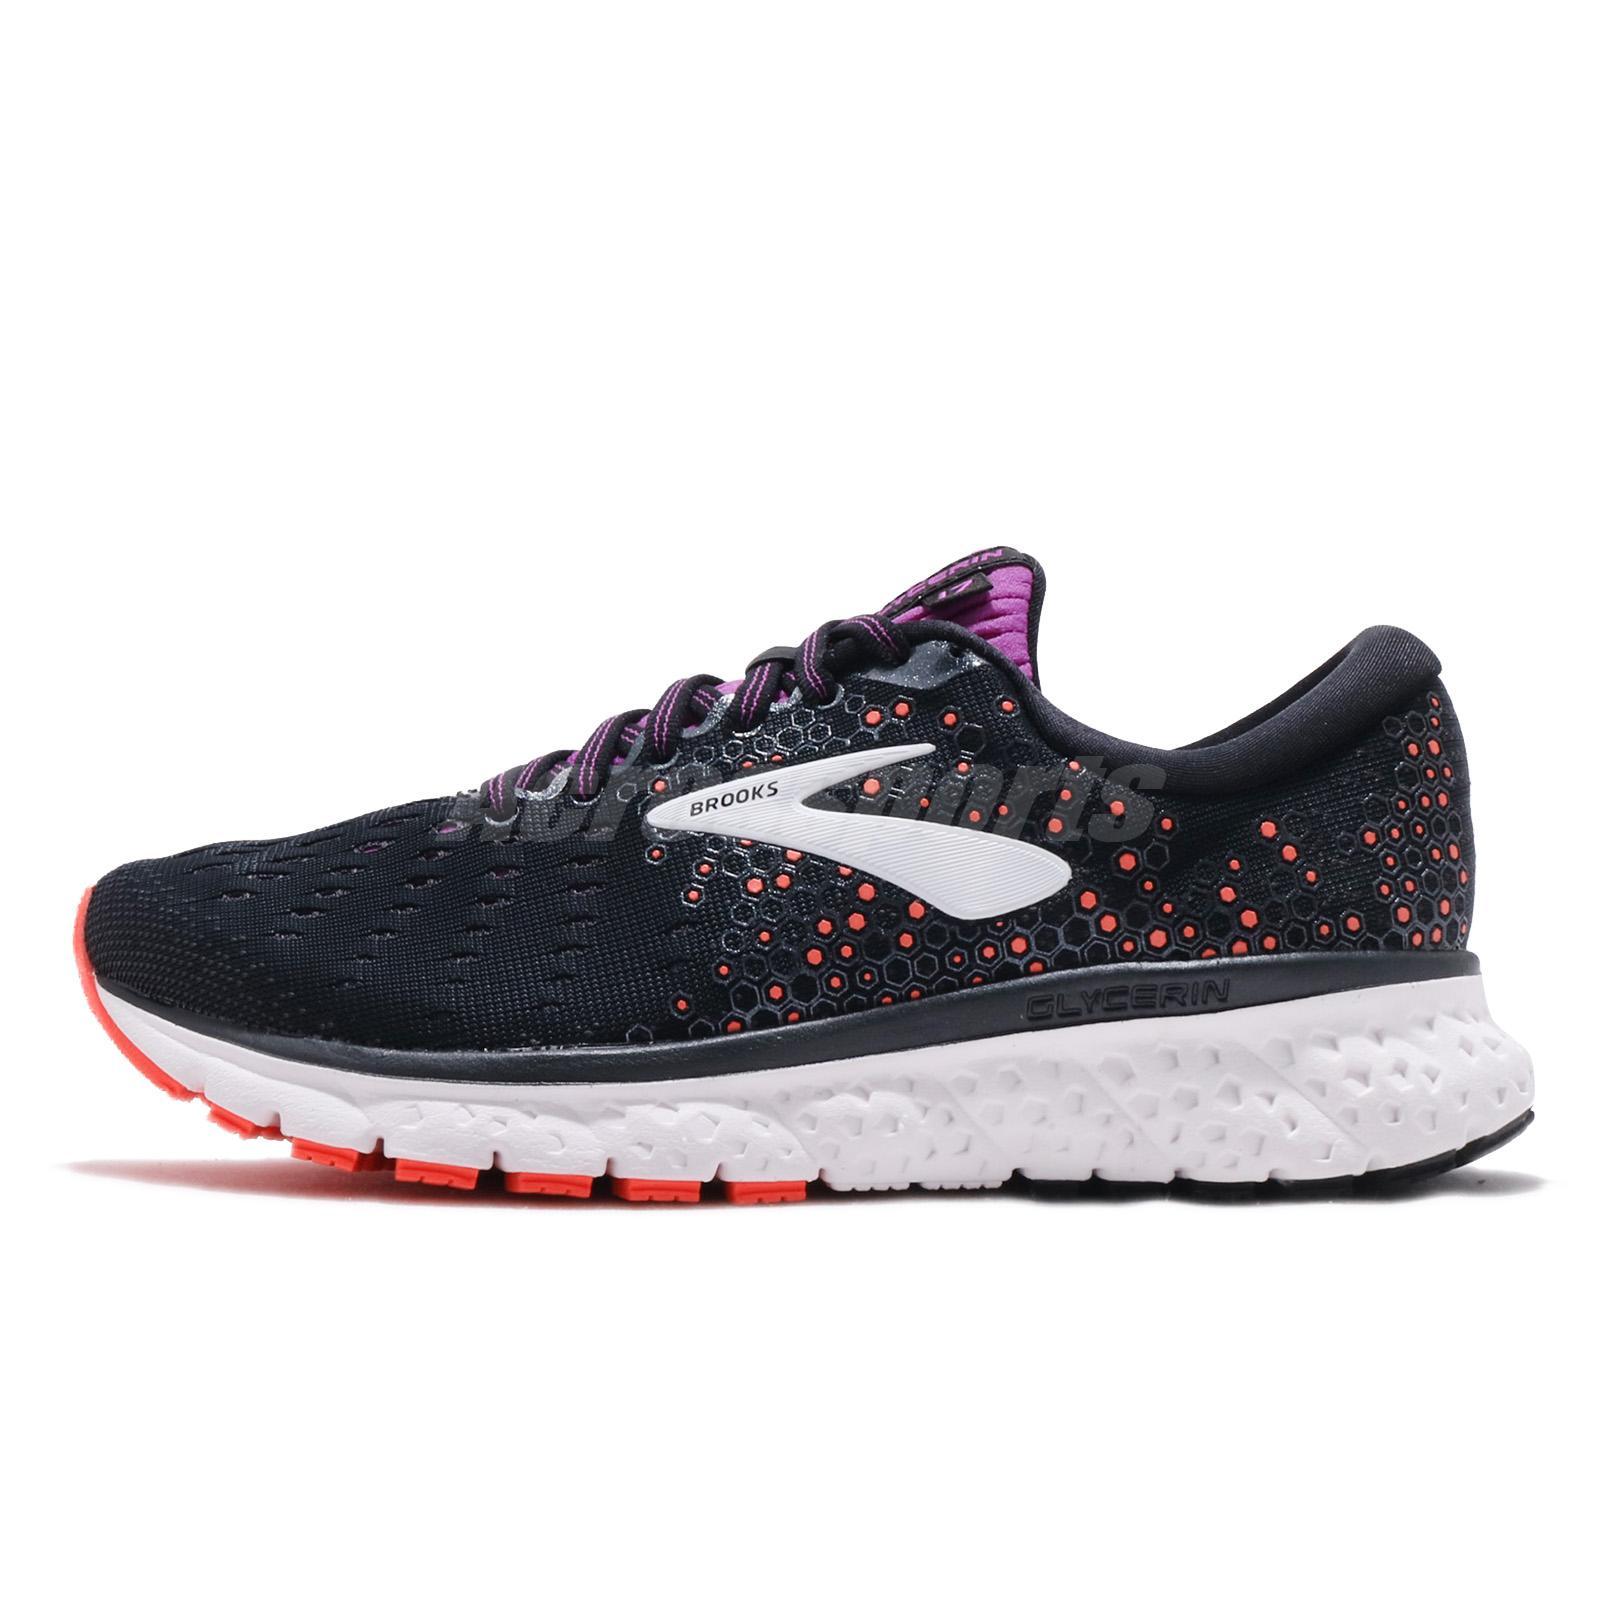 8e8b6e7fcc04b Brooks Glycerin 17 D Wide Black Fiery Coral Purple Women Running Shoes  120283 1D